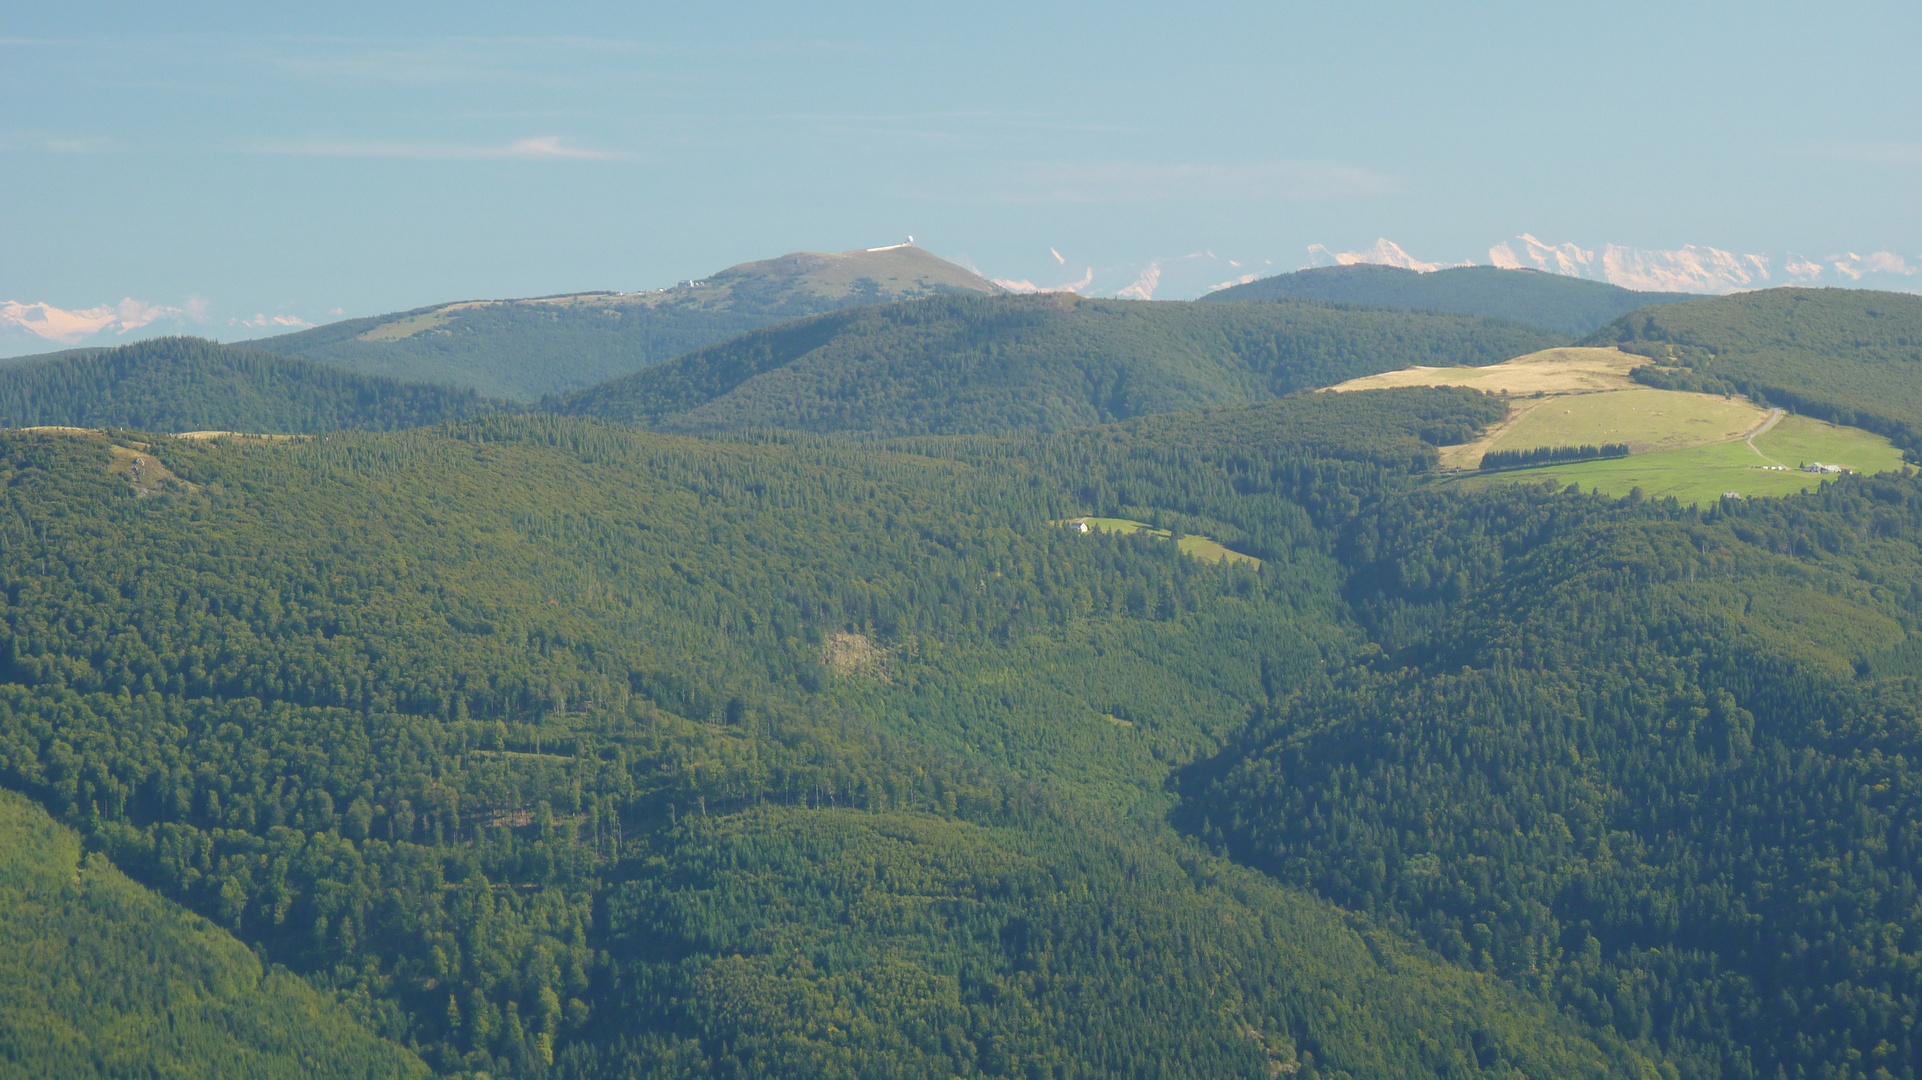 Vue sur les Alpes bernoises et le Grand Ballon depuis le Rainkopf